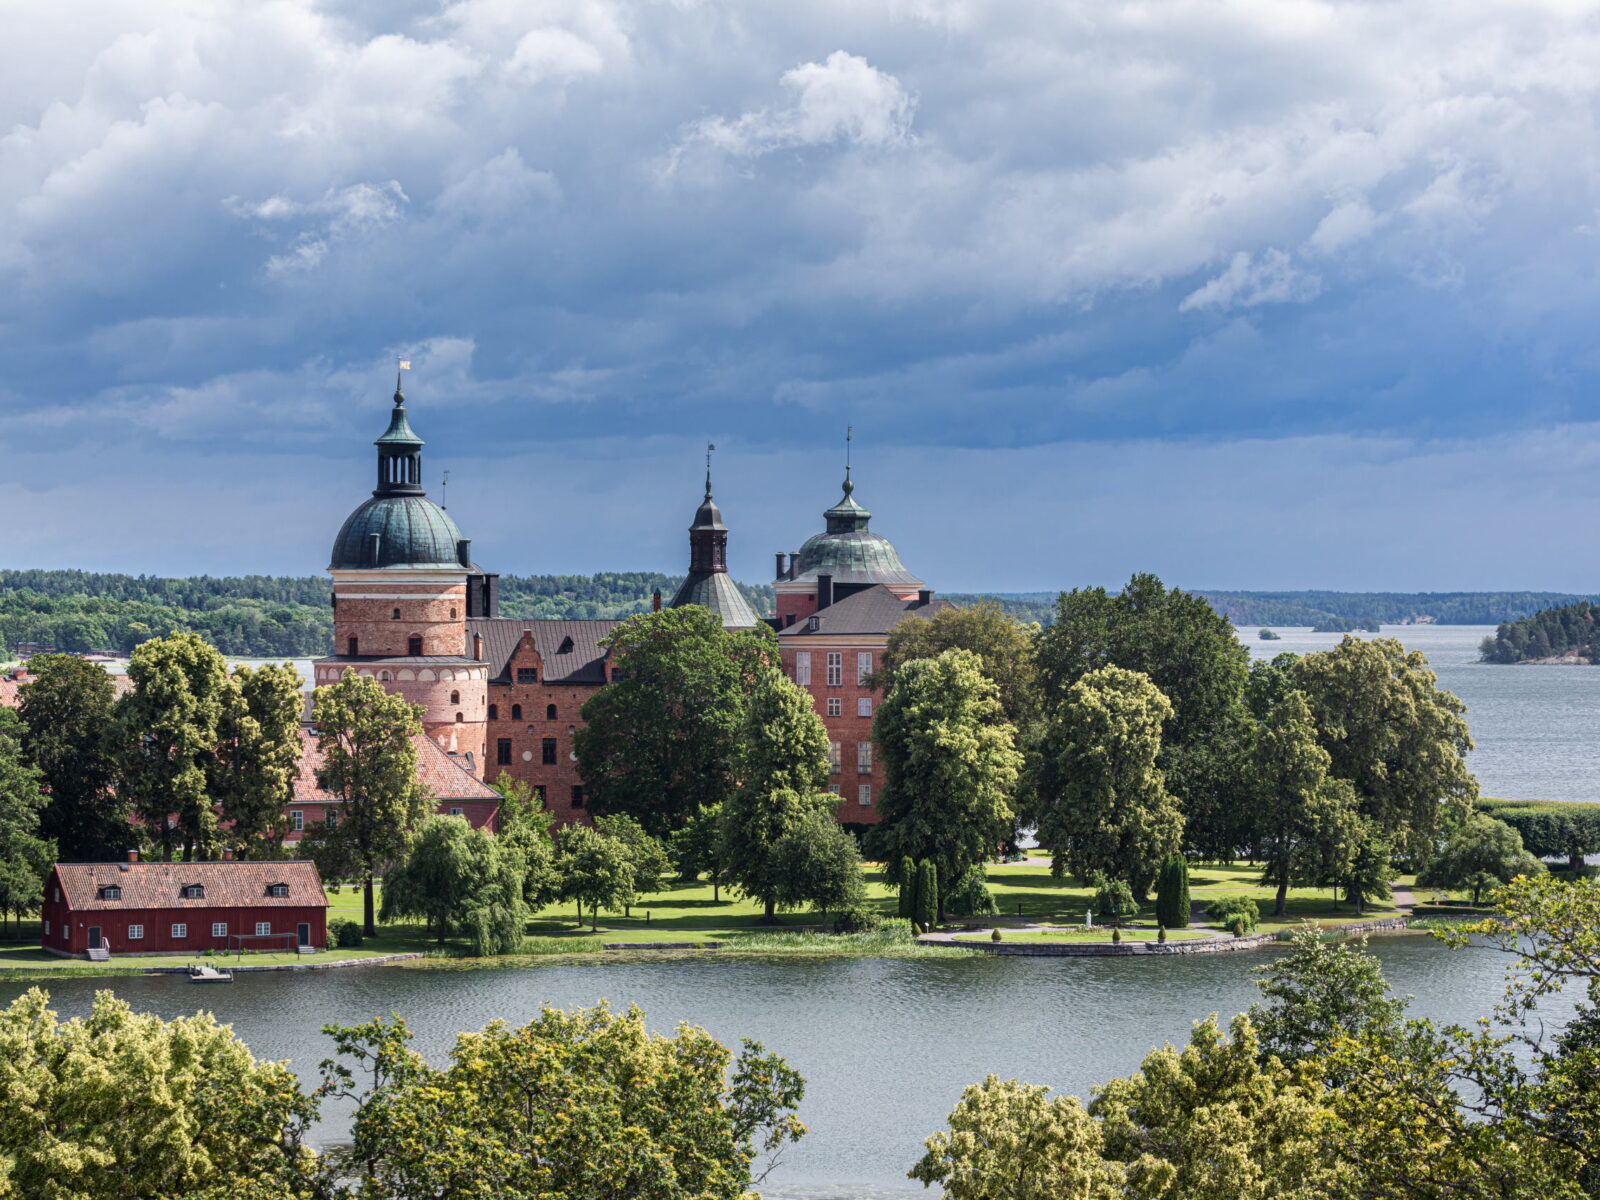 Gripsholms slott från Hjorthagensberget_201907_FotoYAH